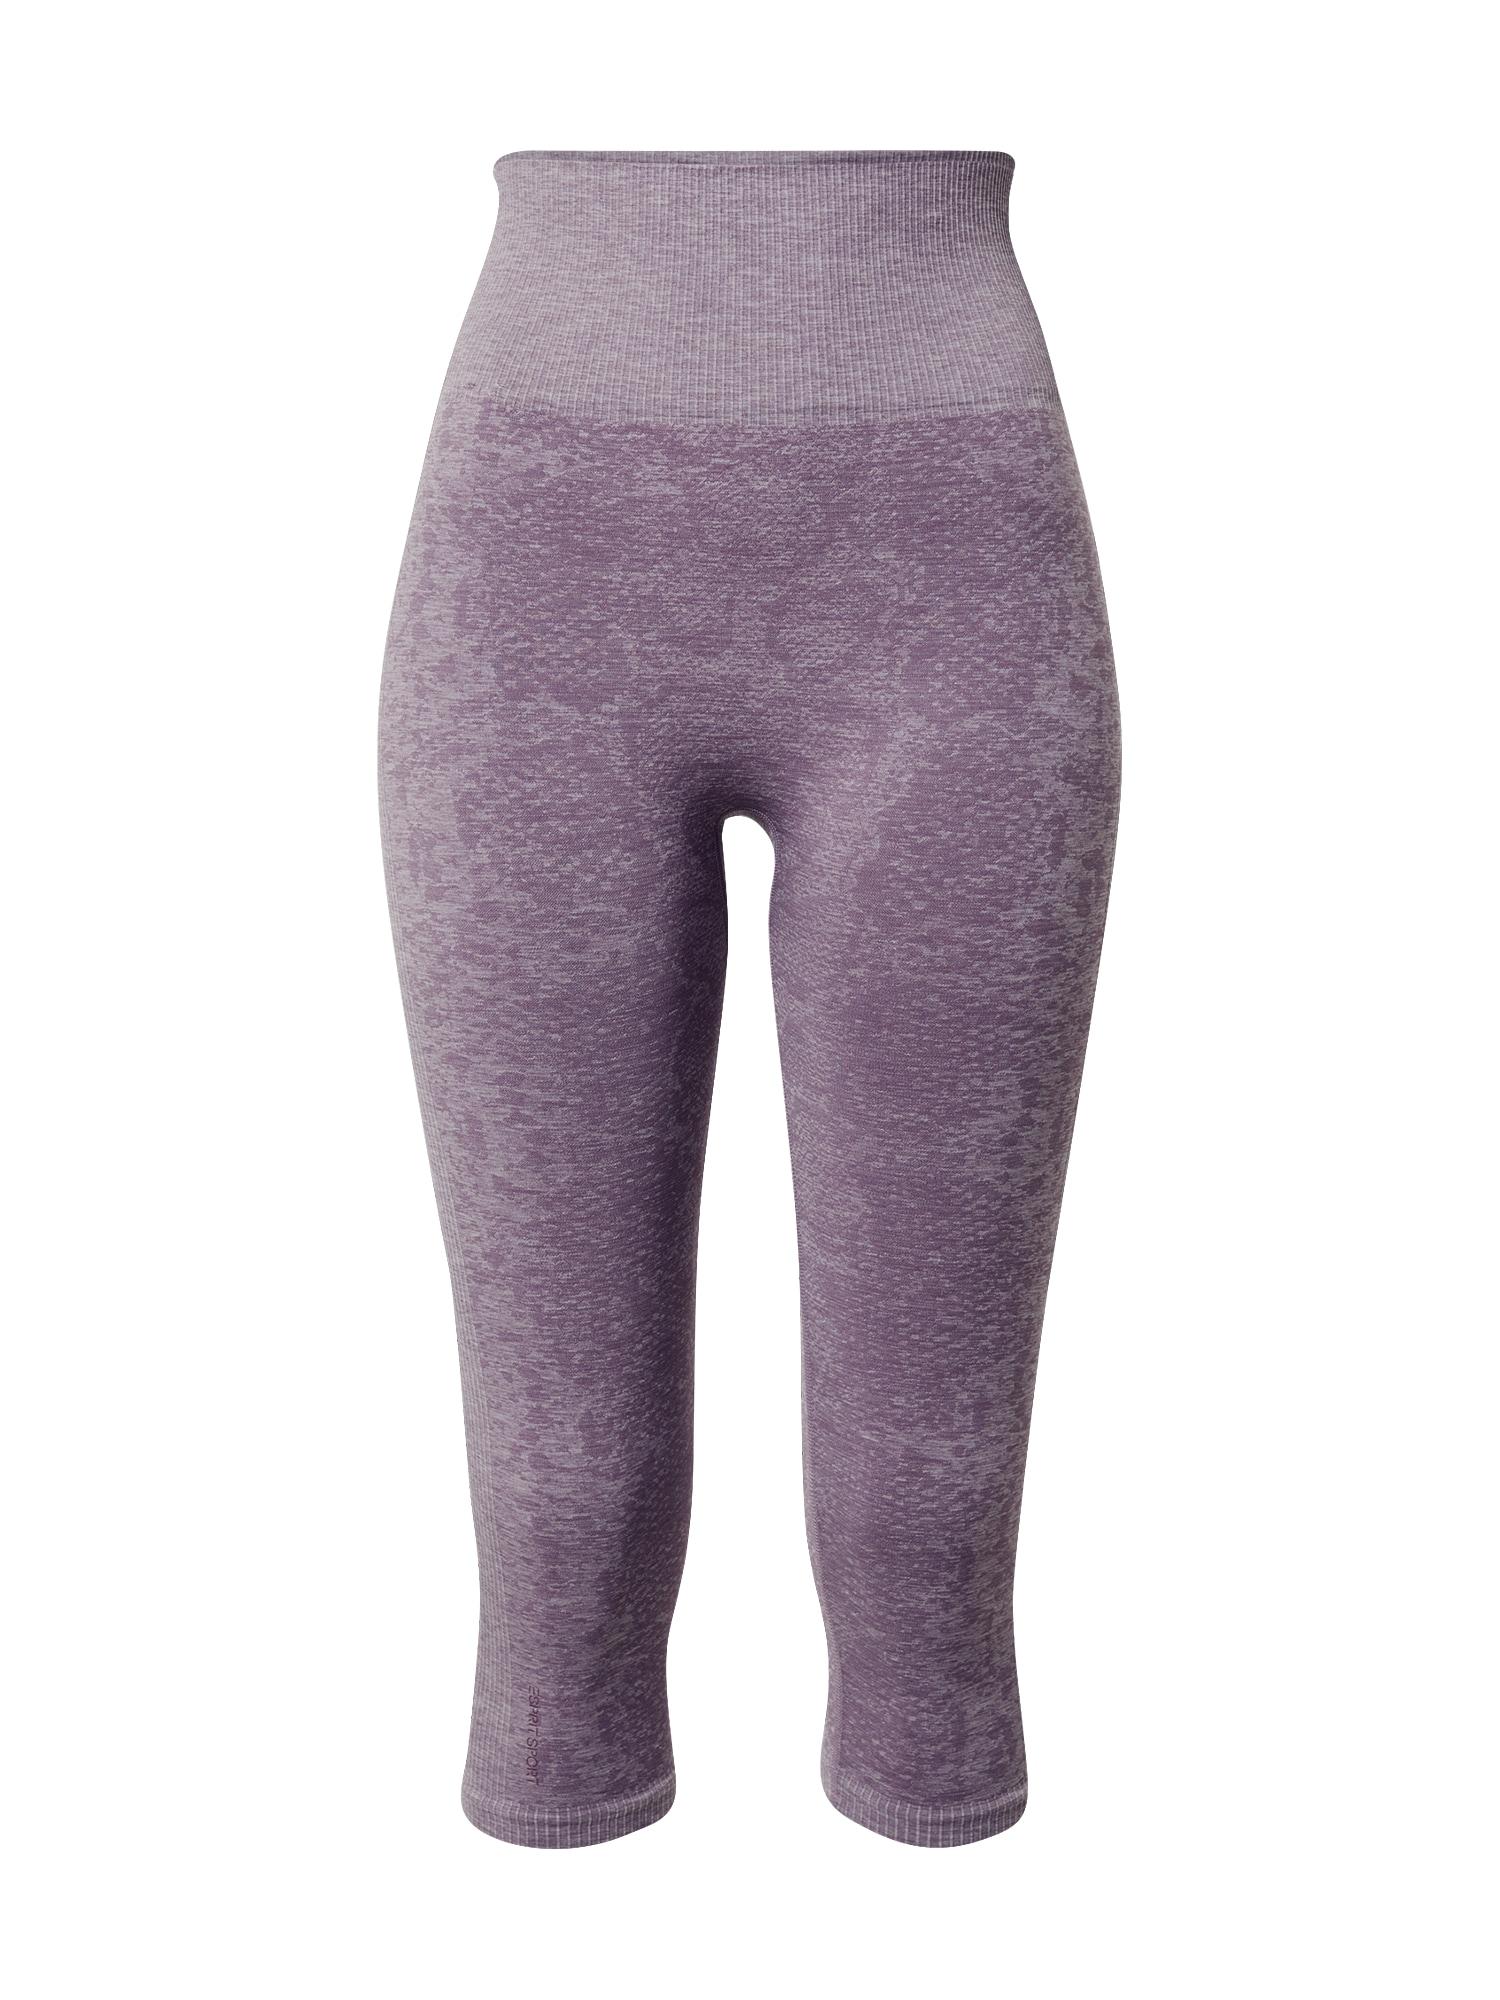 ESPRIT SPORT Sportinės kelnės šviesiai violetinė